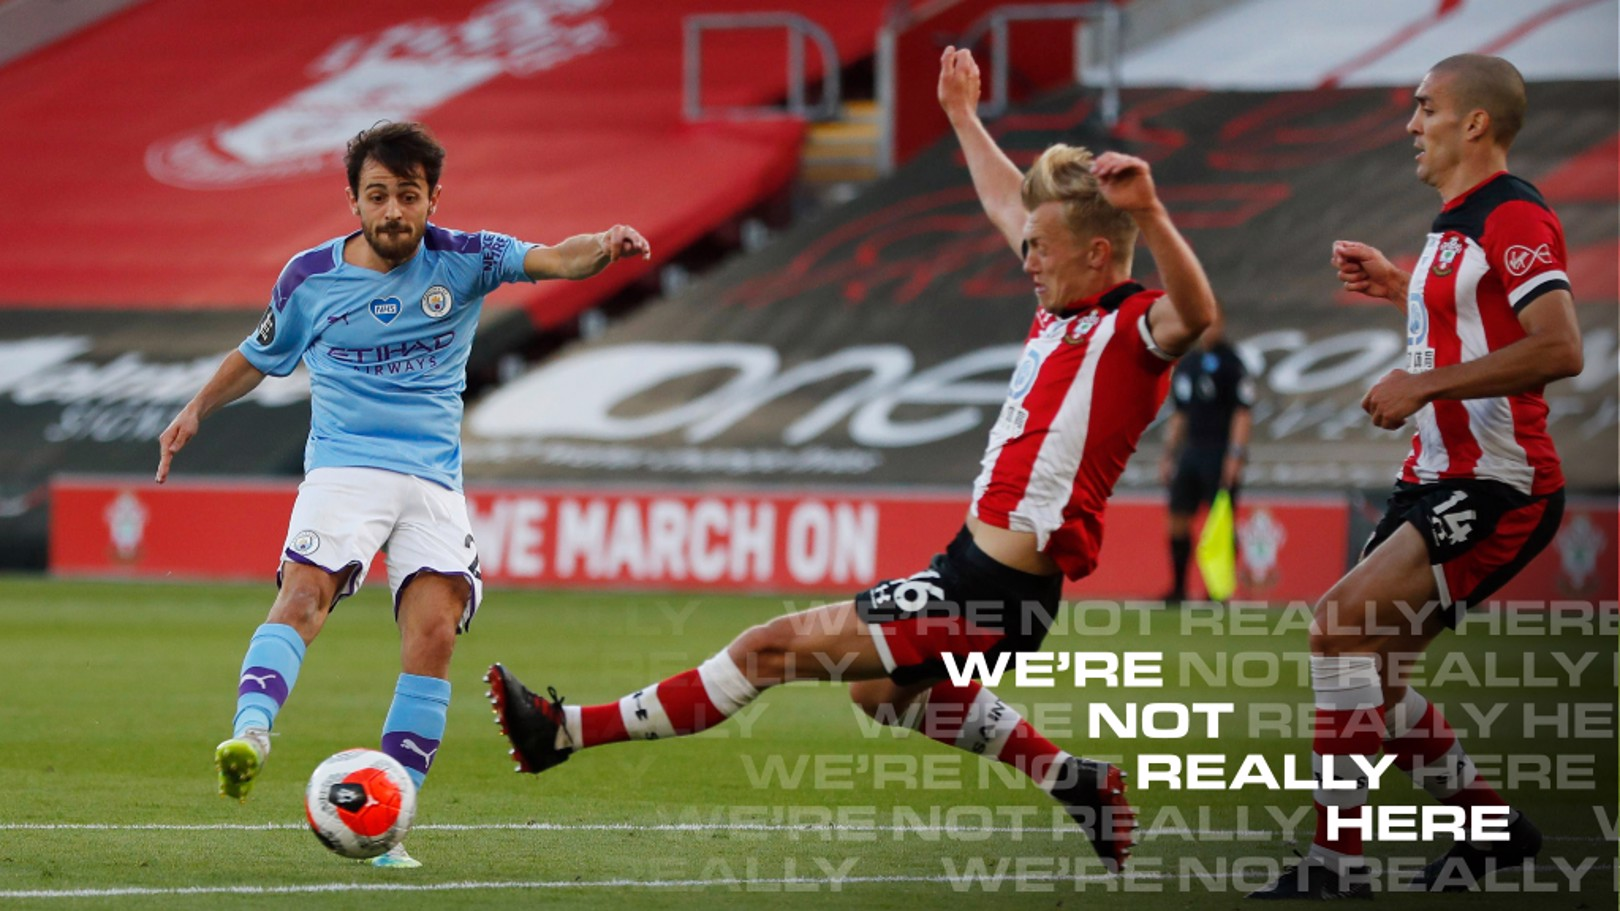 Bernardo expects City to bounce back